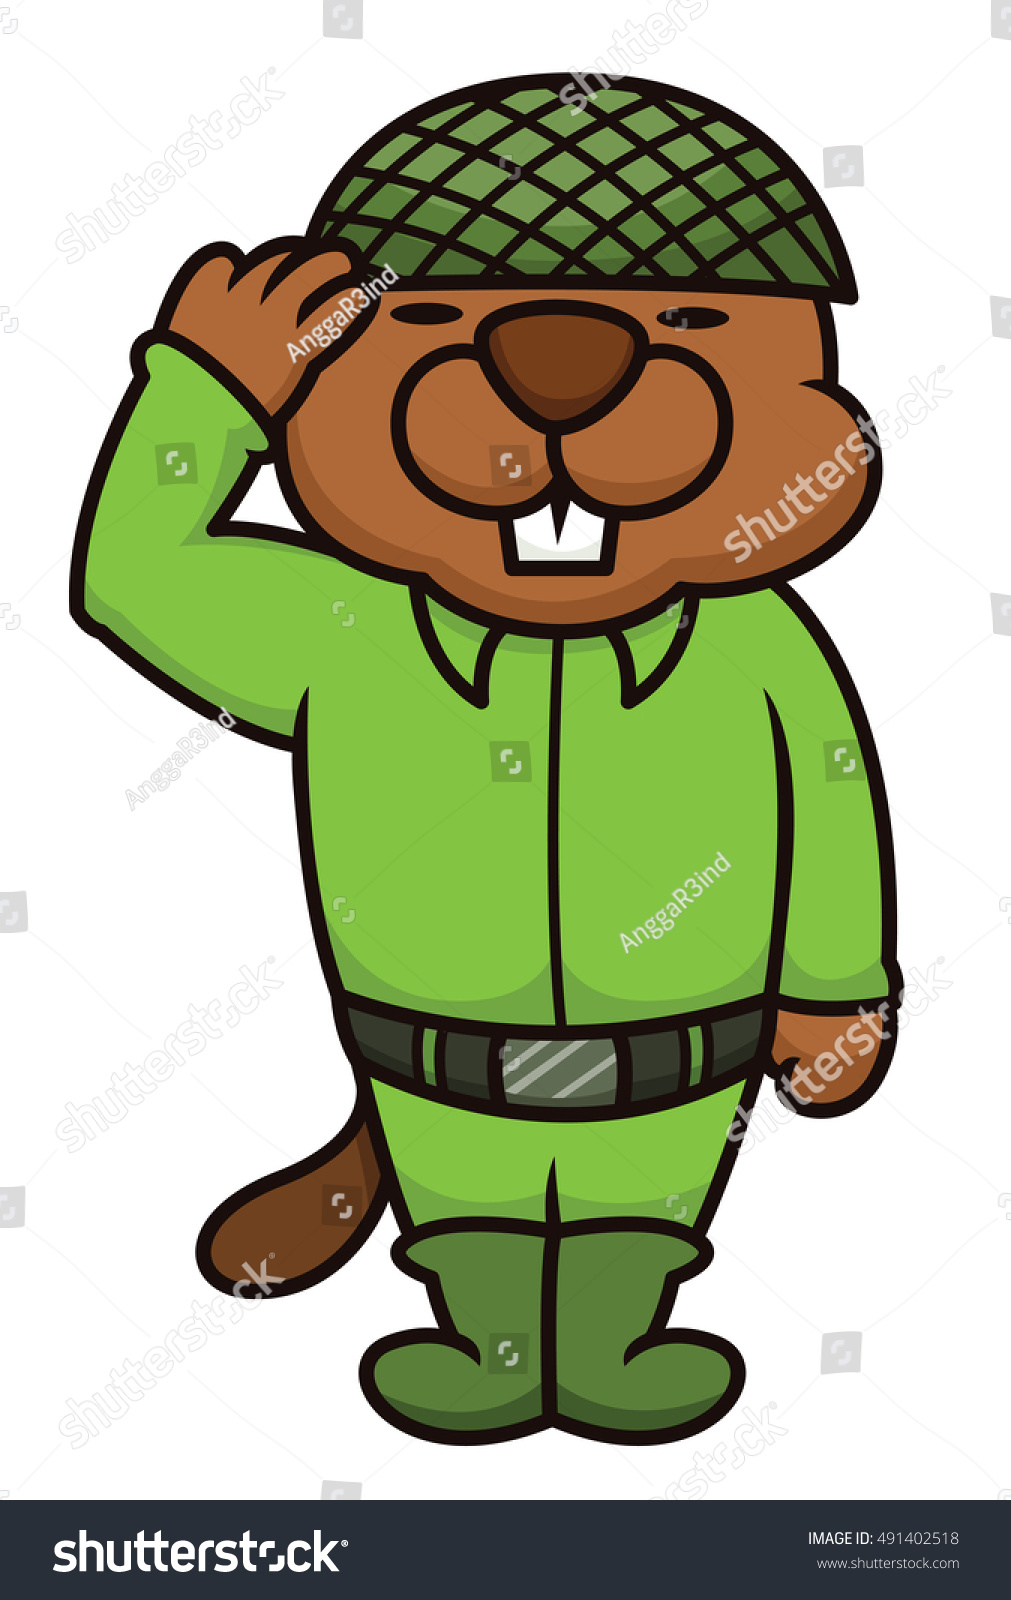 Cartoon Characters Green : Green beaver cartoon character ankaperla